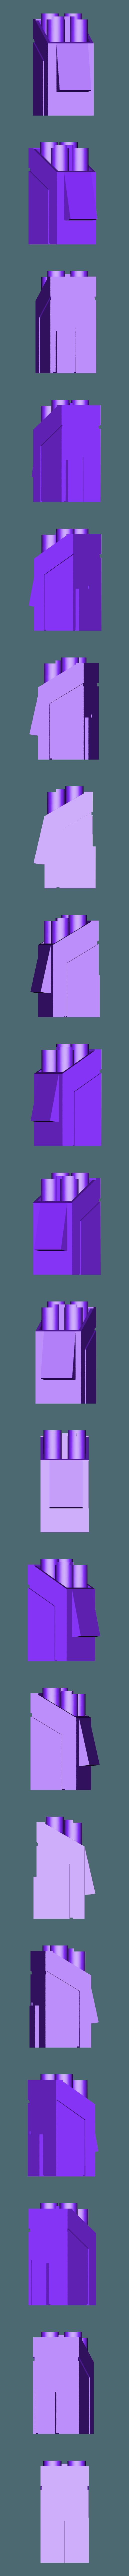 GM_Left.stl Télécharger fichier STL gratuit VAC King Tiger composants mod VAC • Objet à imprimer en 3D, Thunderhead_Studio